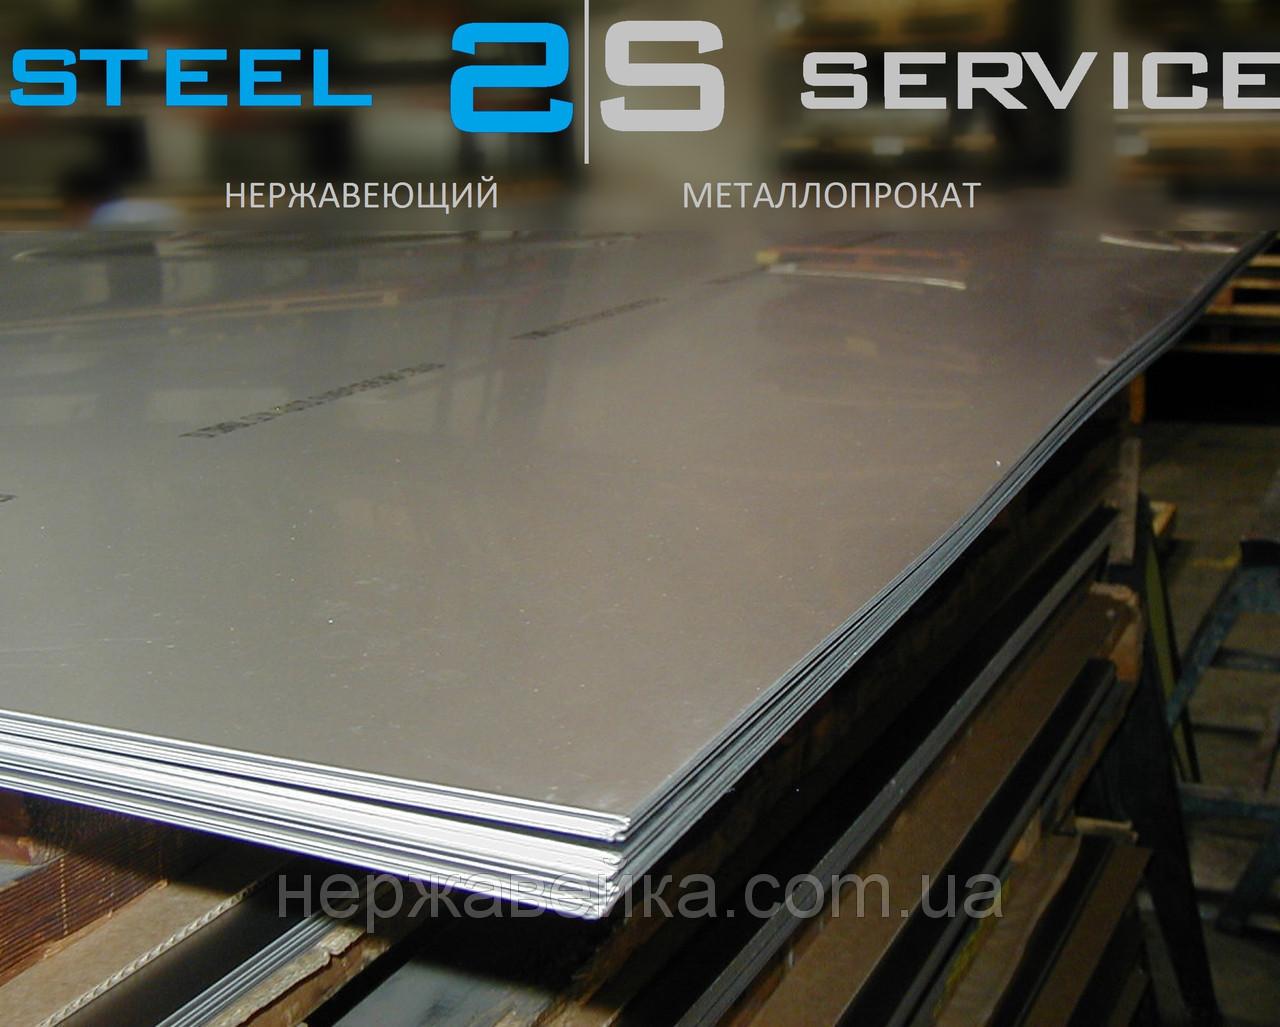 Нержавеющий лист 6х1000х2000мм  AISI 316Ti(10Х17Н13М2Т) F1 - горячекатанный,  кислотостойкий